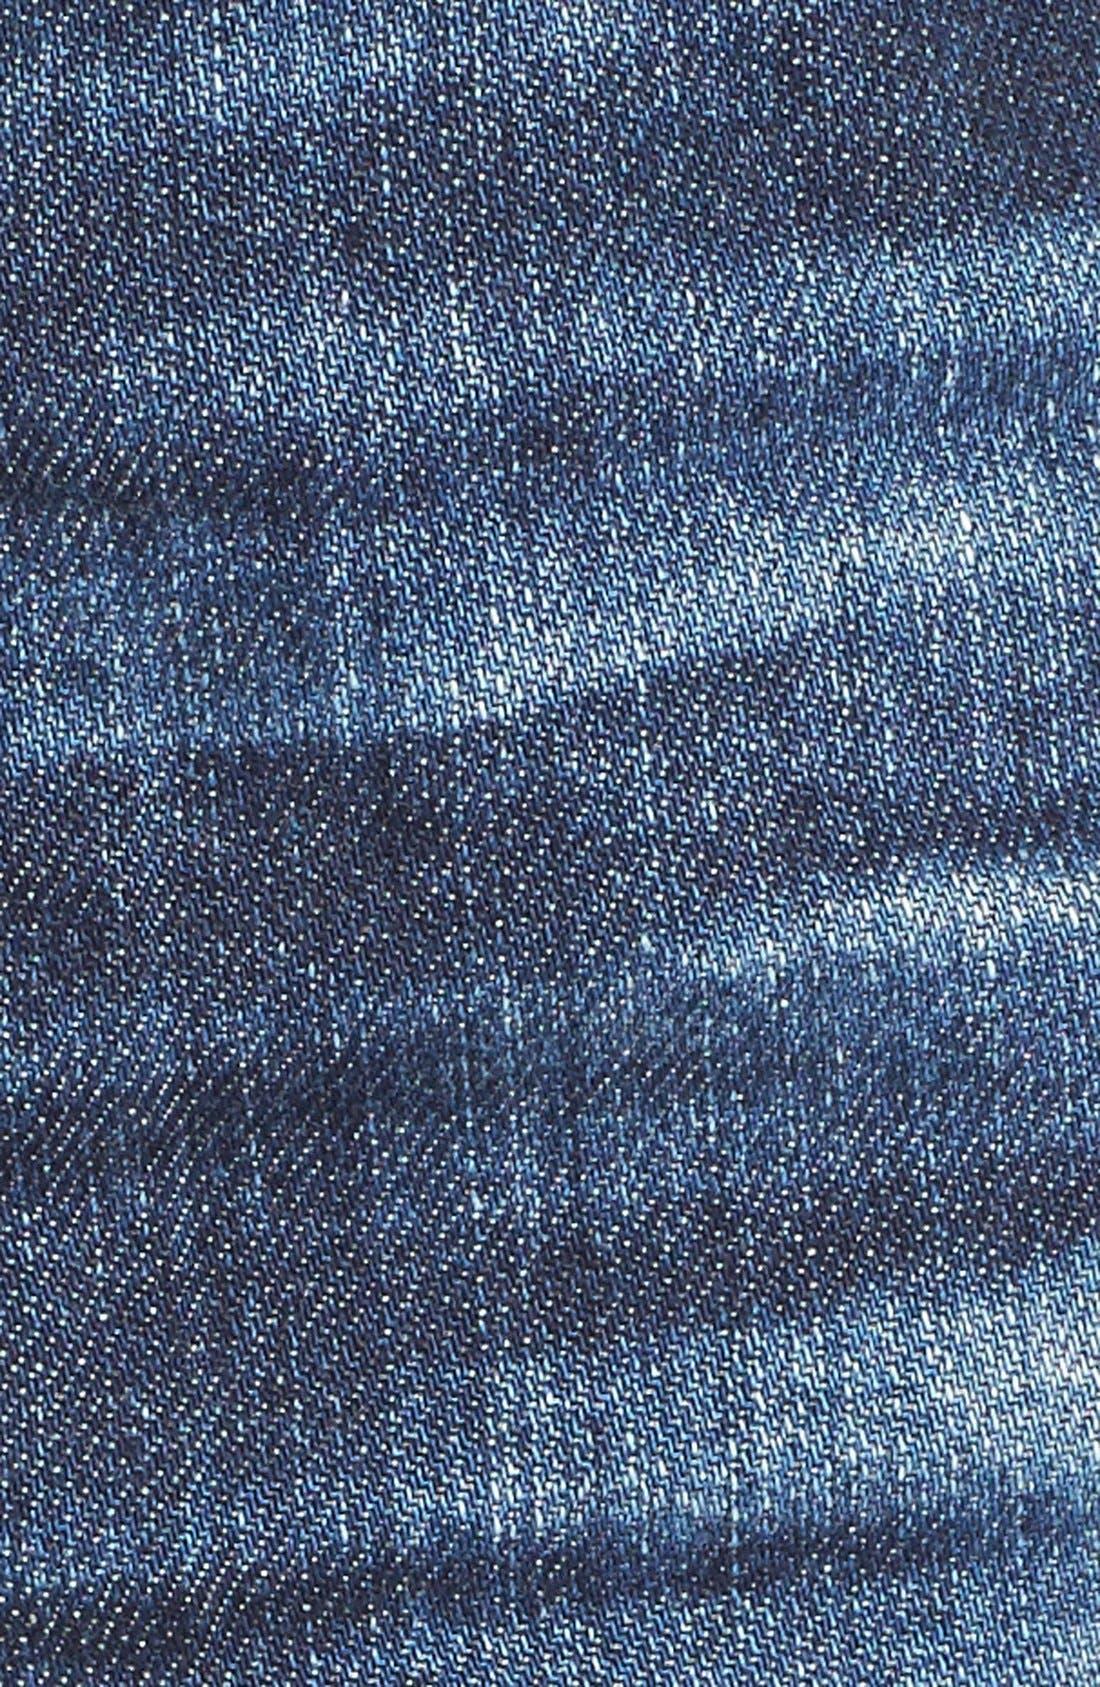 Alternate Image 5  - AG 'Hailey' Denim Shorts (11 Years Sail Away)